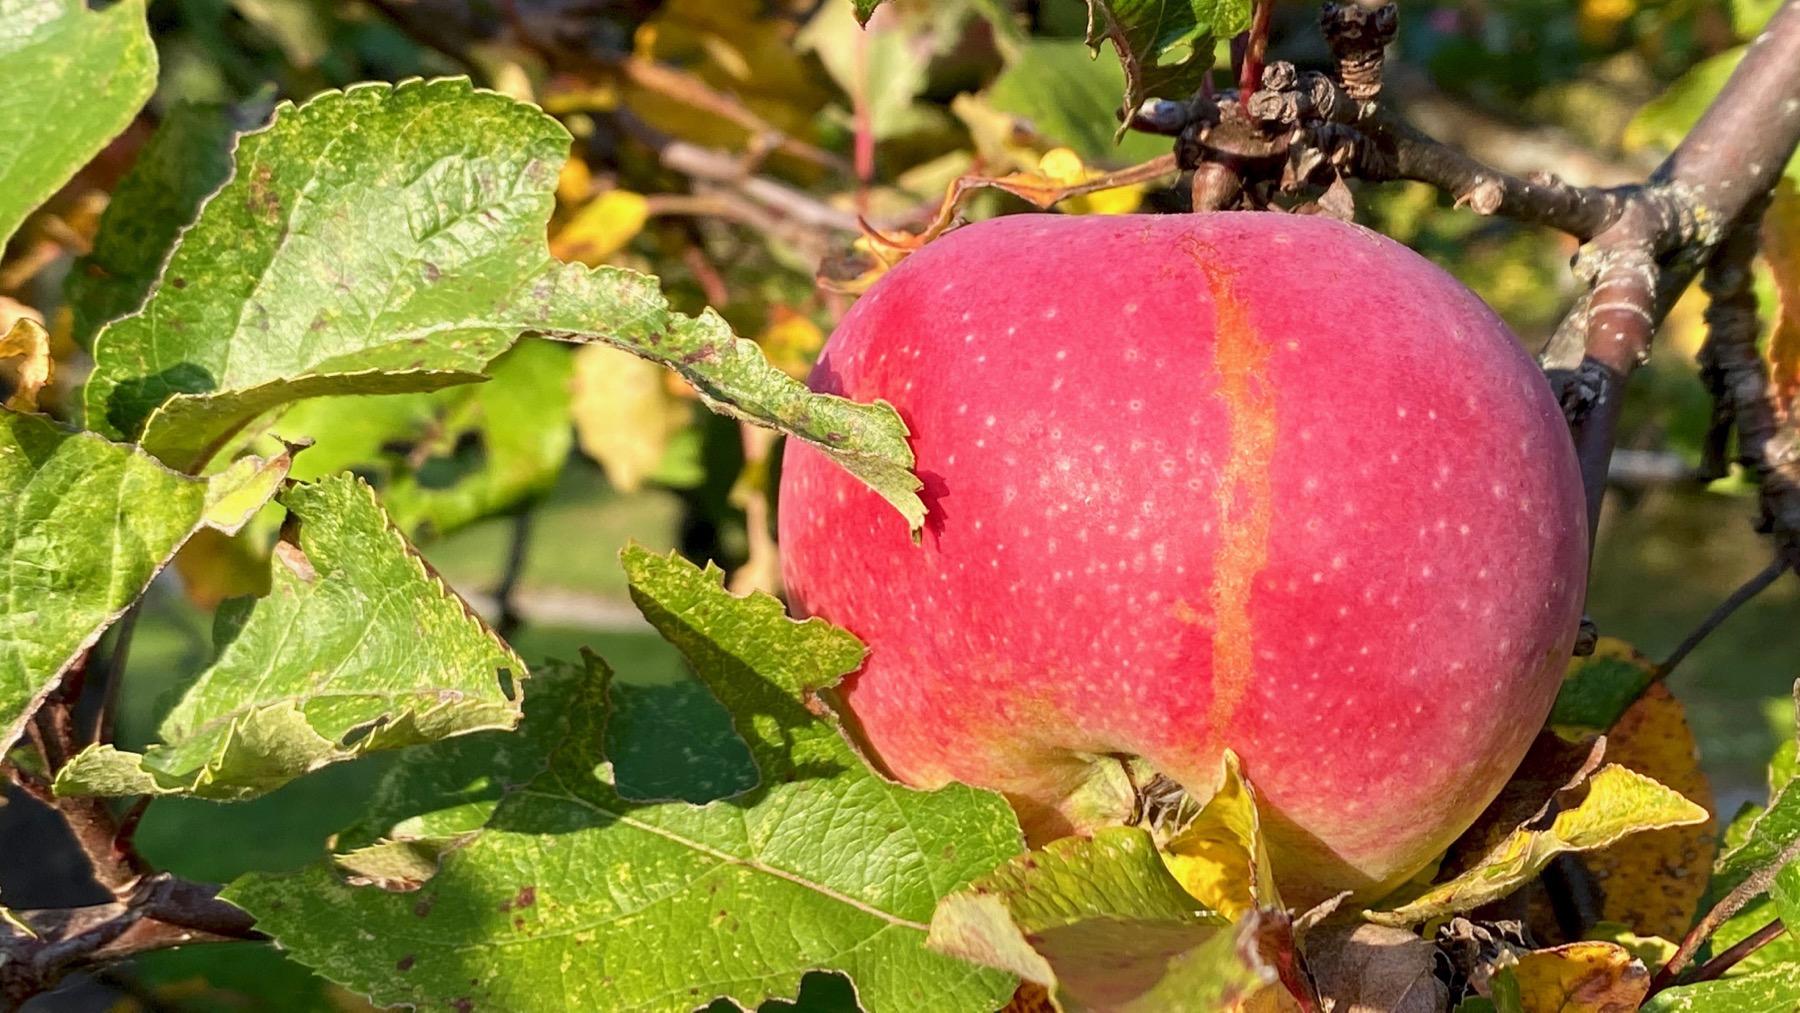 Siberia apple